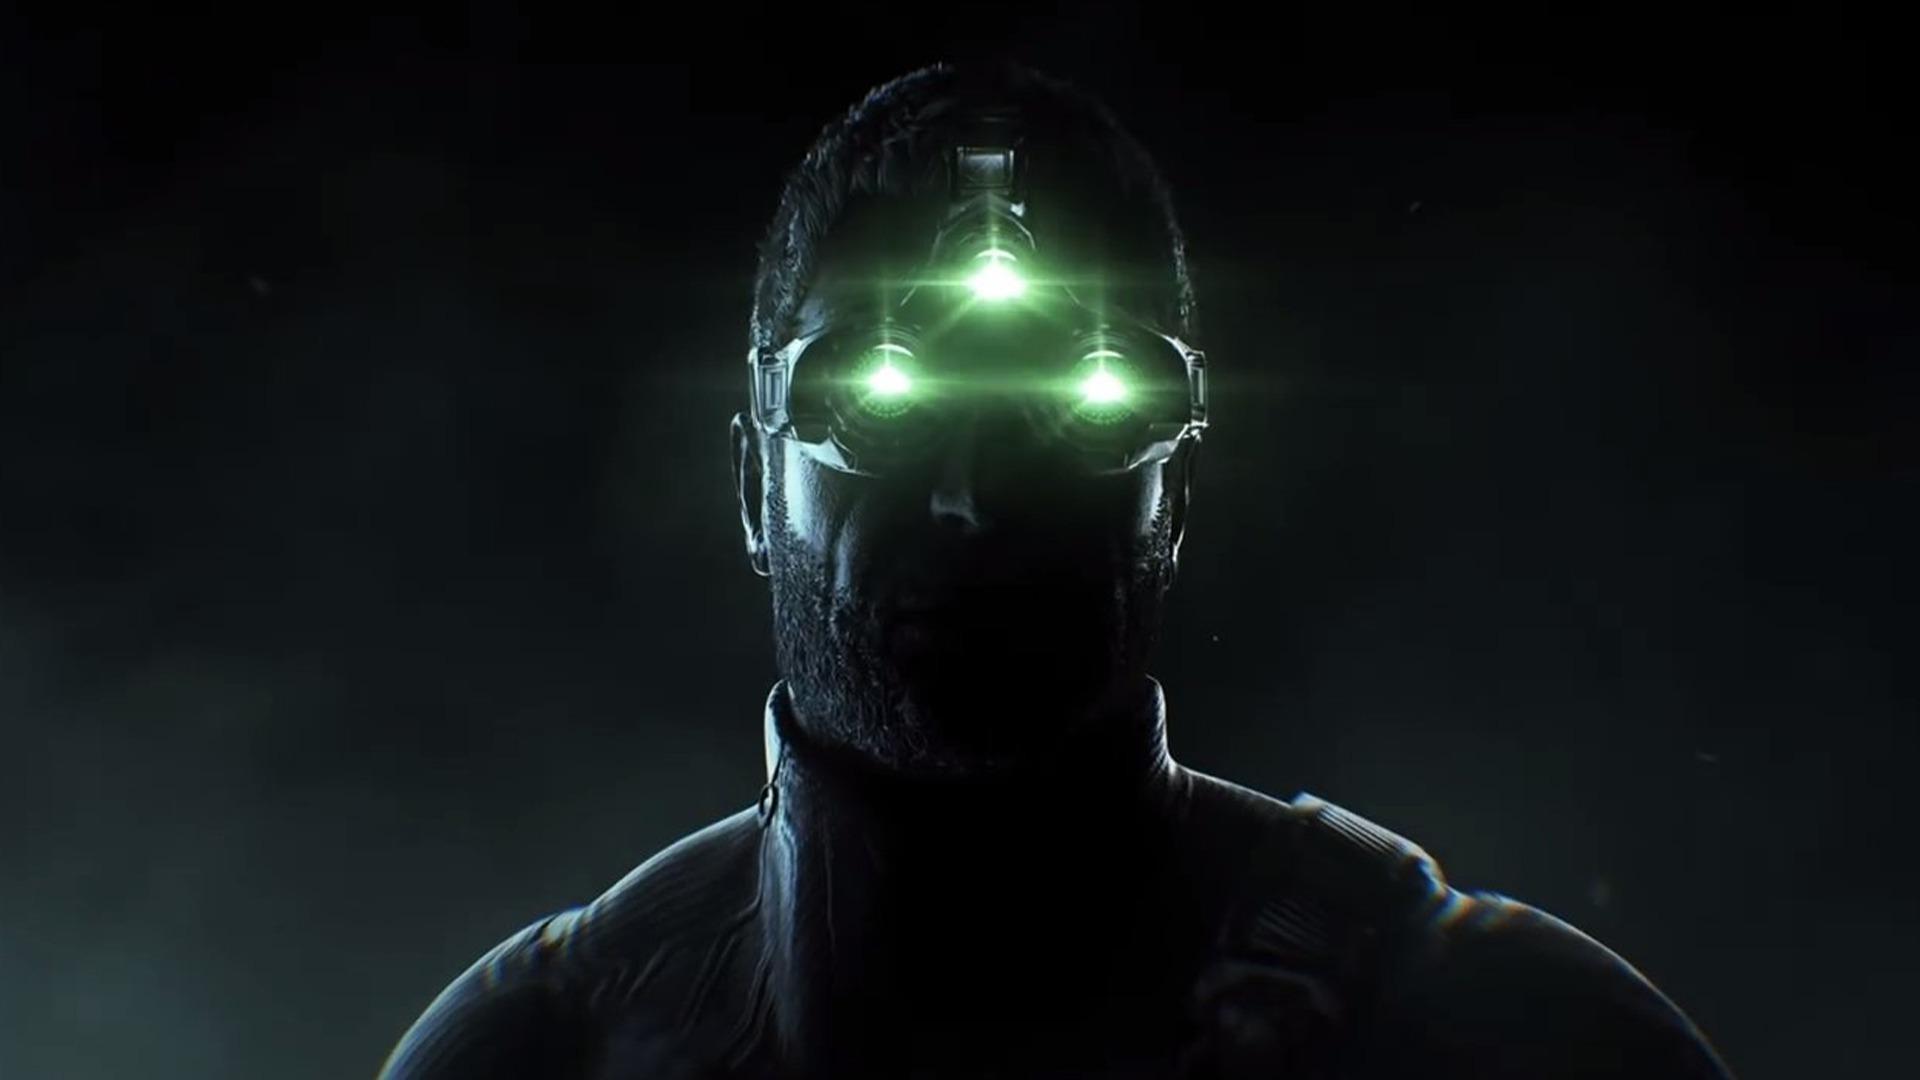 نگاهی به تاریخچه بازی Splinter Cell؛ جاسوس دو جانبه